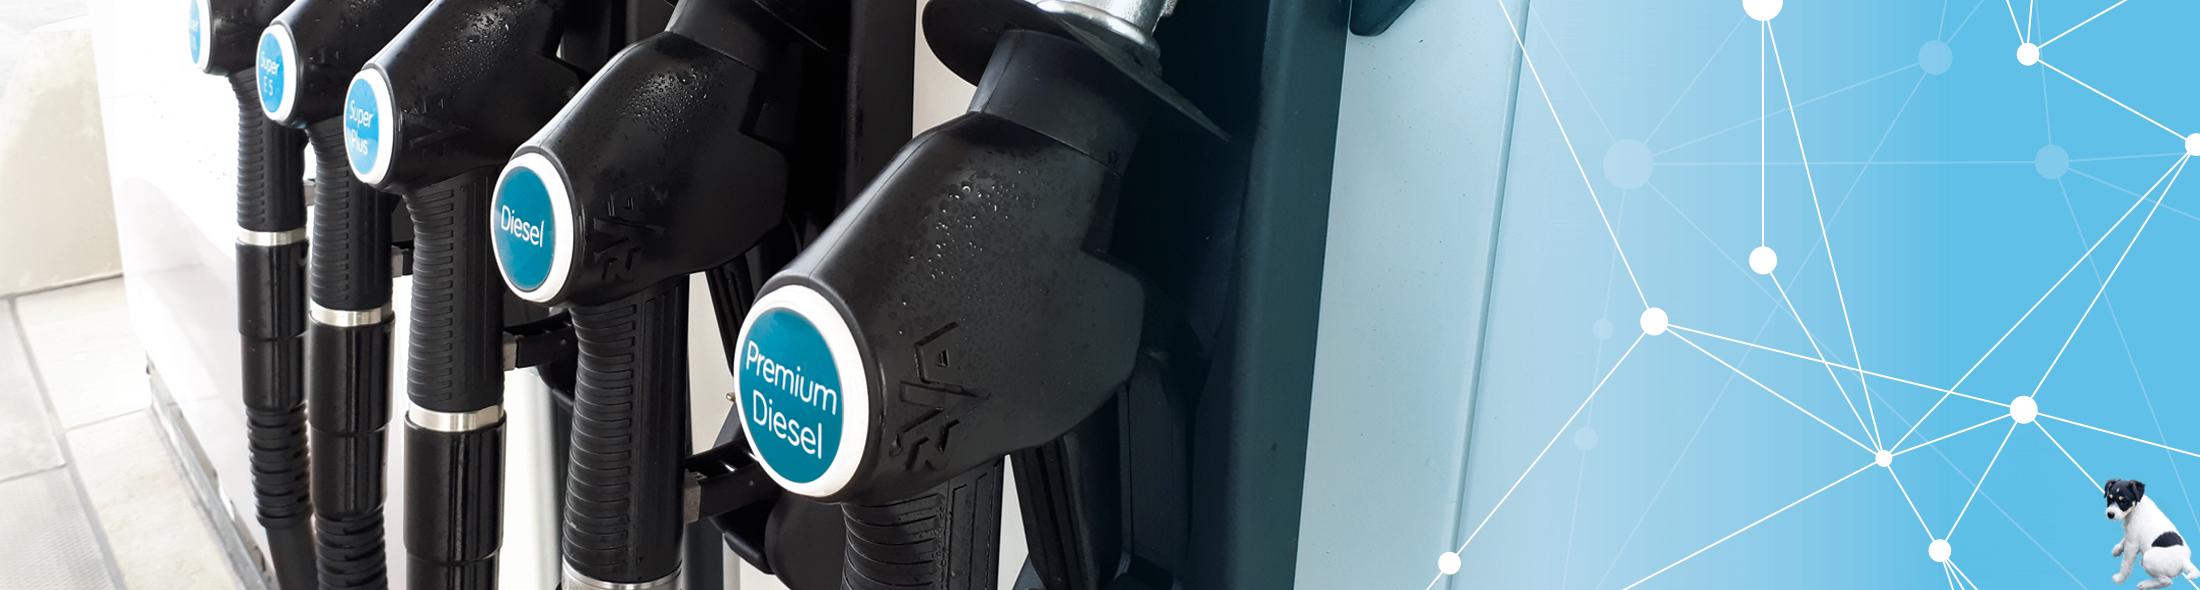 Schuster & Sohn bietet Kraftstoffe und Schmierstoffe für freie Tankstellen